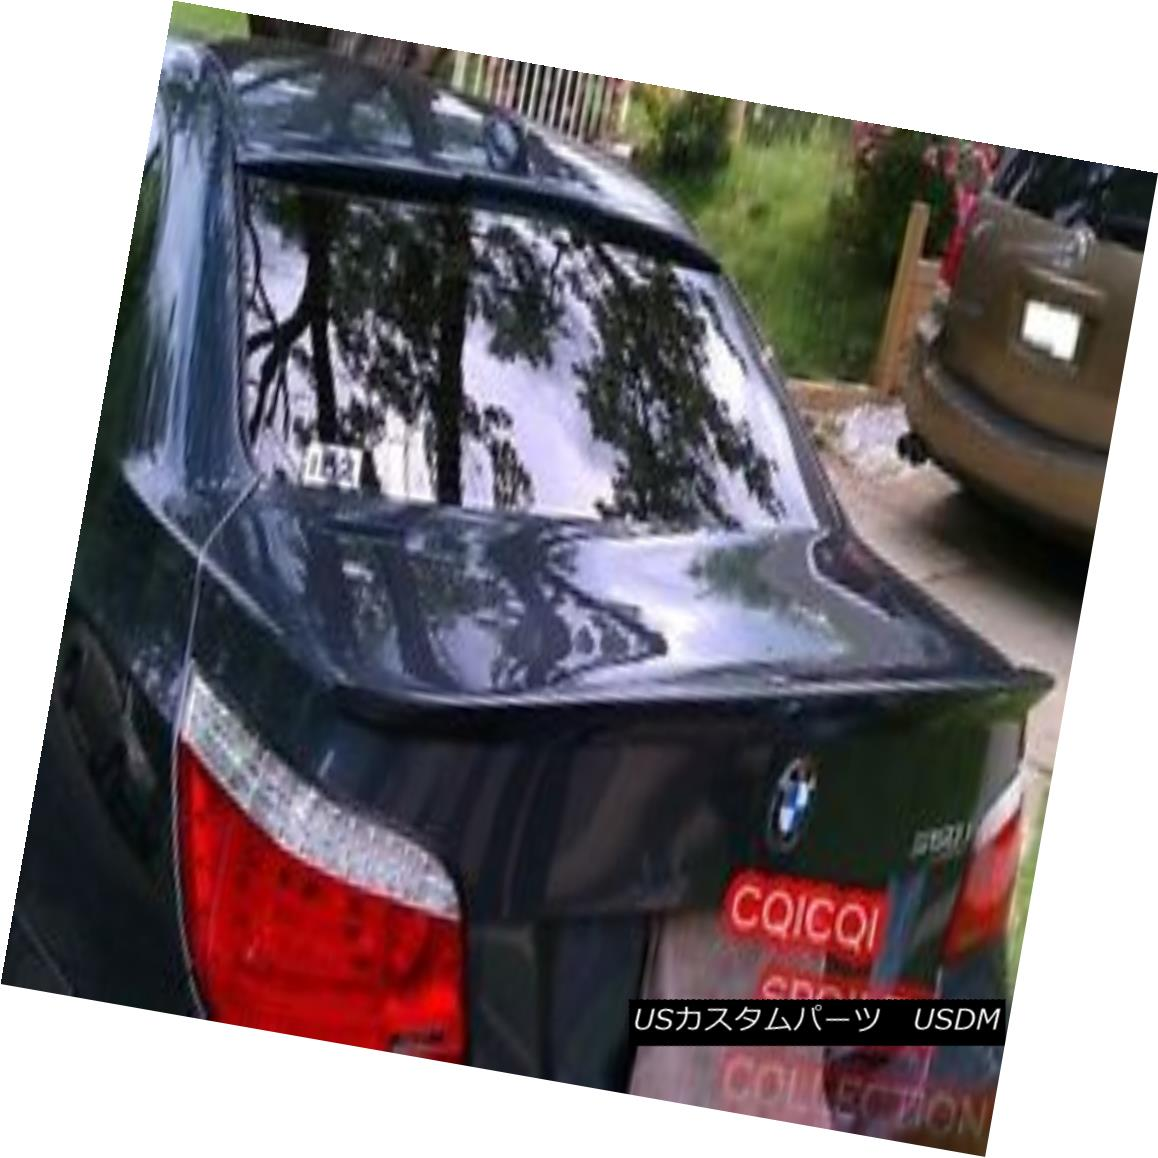 エアロパーツ Painted BMW 04-10 E60 5-series Sedan AC type trunk spoiler color:A52 ◎ ペイントされたBMW 04-10 E60 5シリーズセダンACタイプのトランクスポイラーの色:A52?